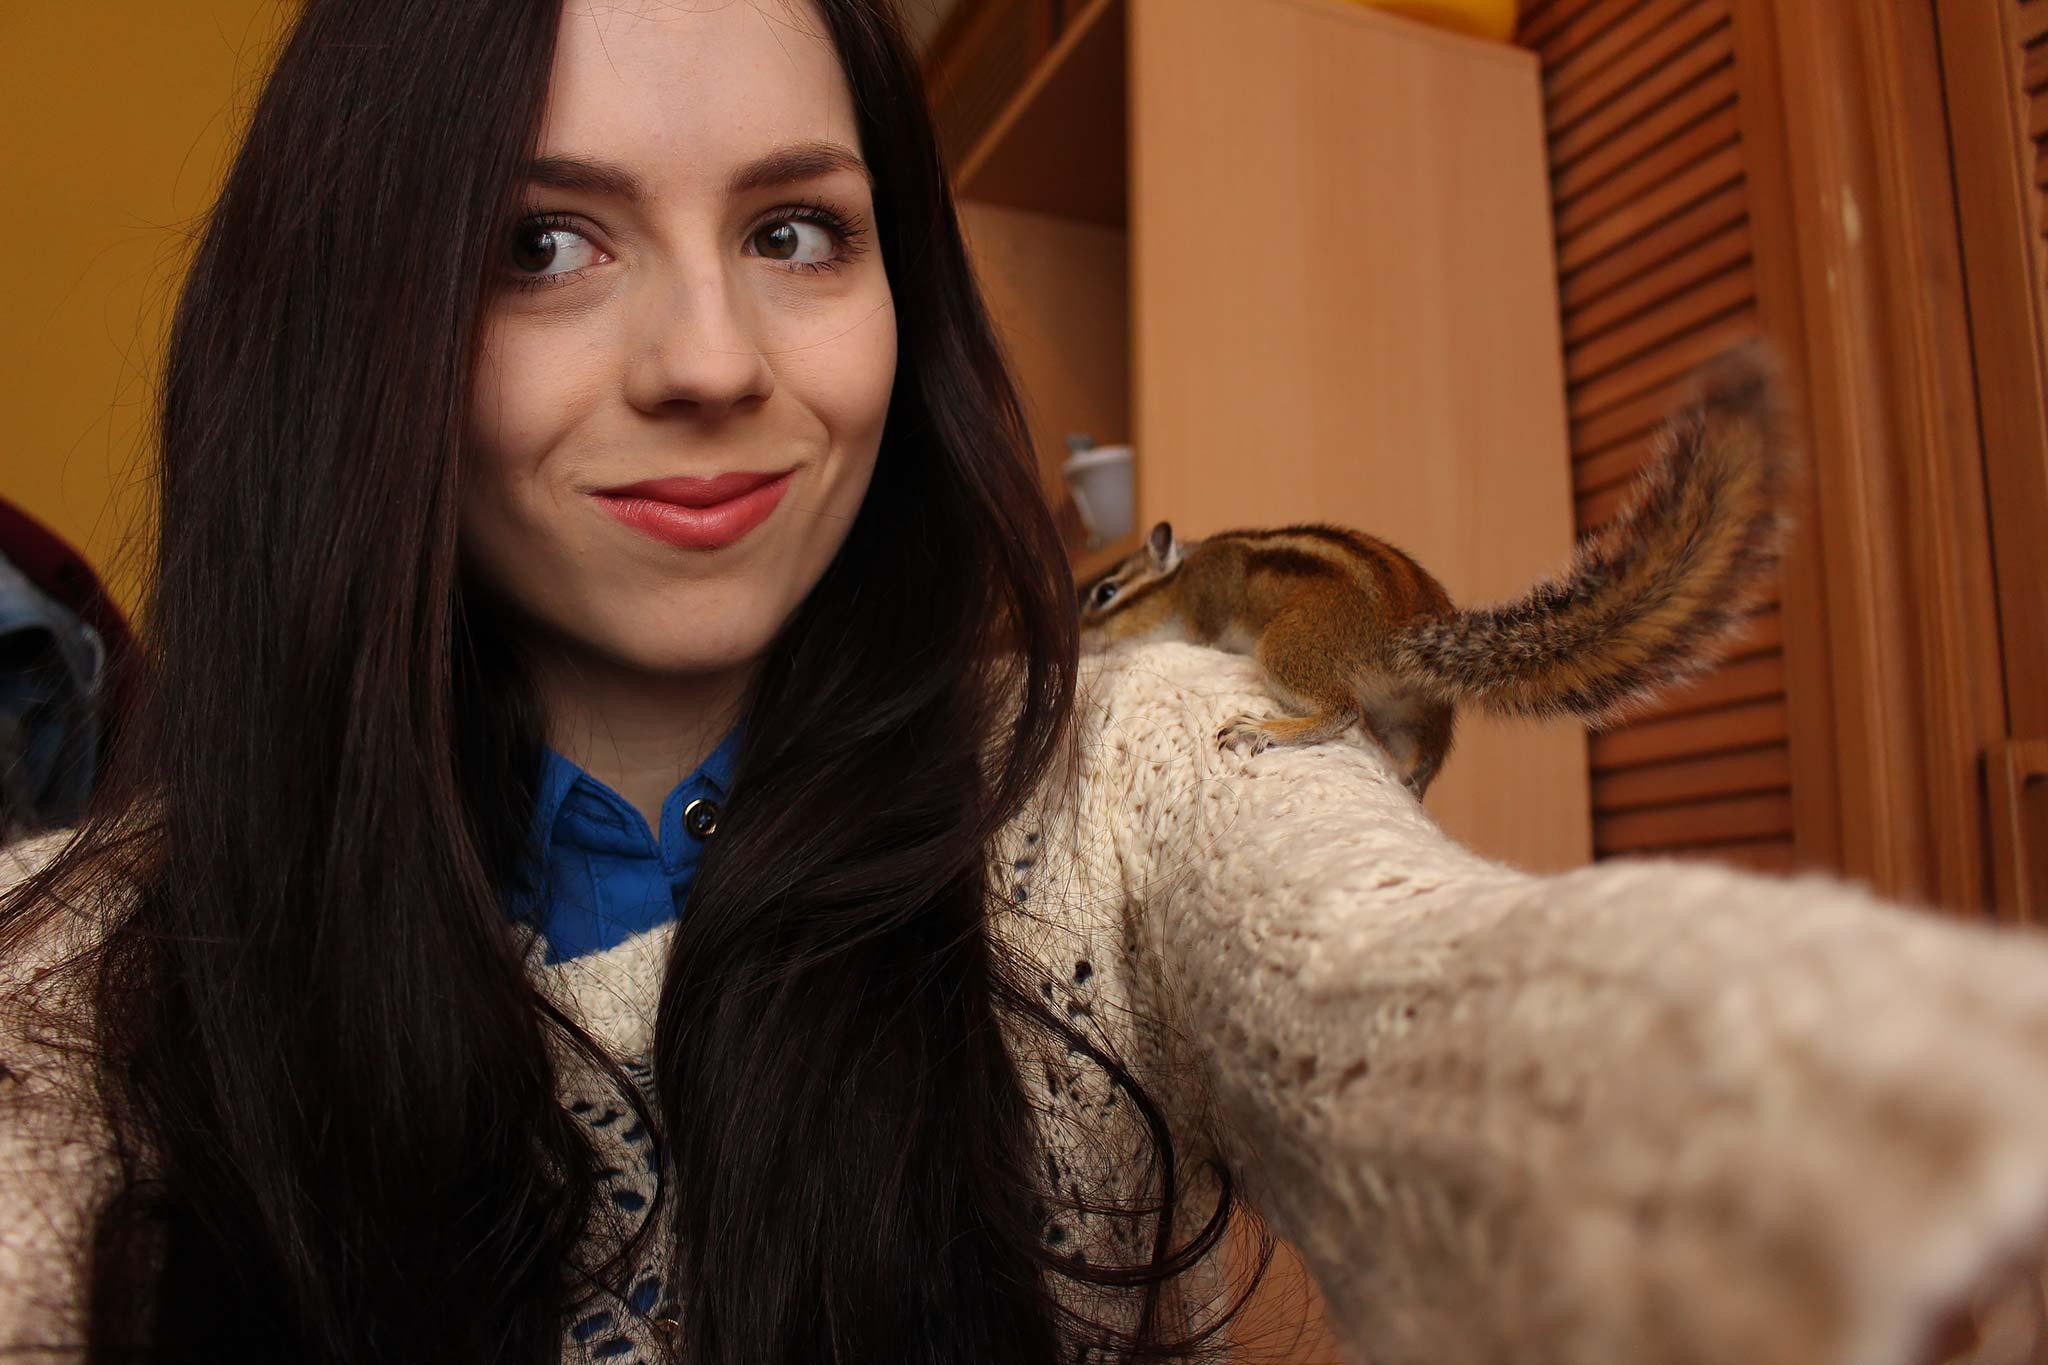 Streifenhörnchen, Burunduk, Hörnchen, sibirisches Streifenhörnchen, Lotti, Sophia Zoike, Tierfotografie